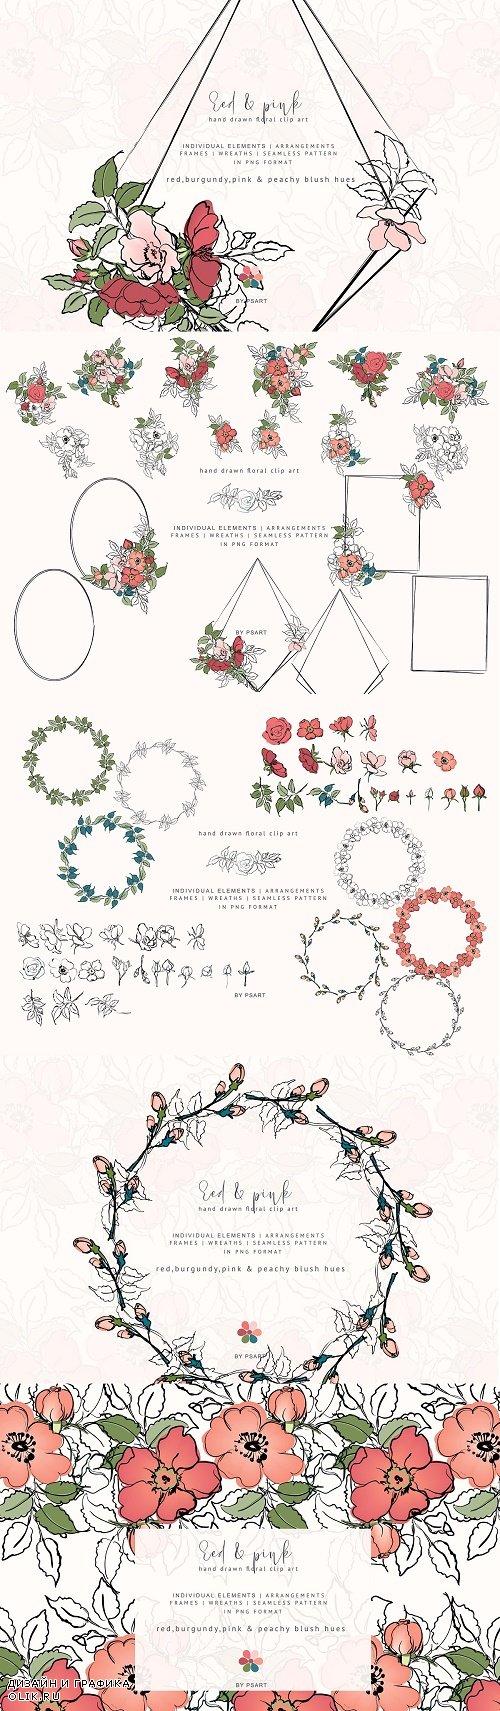 Hand Sketched Rose Clipart Set - 3838492